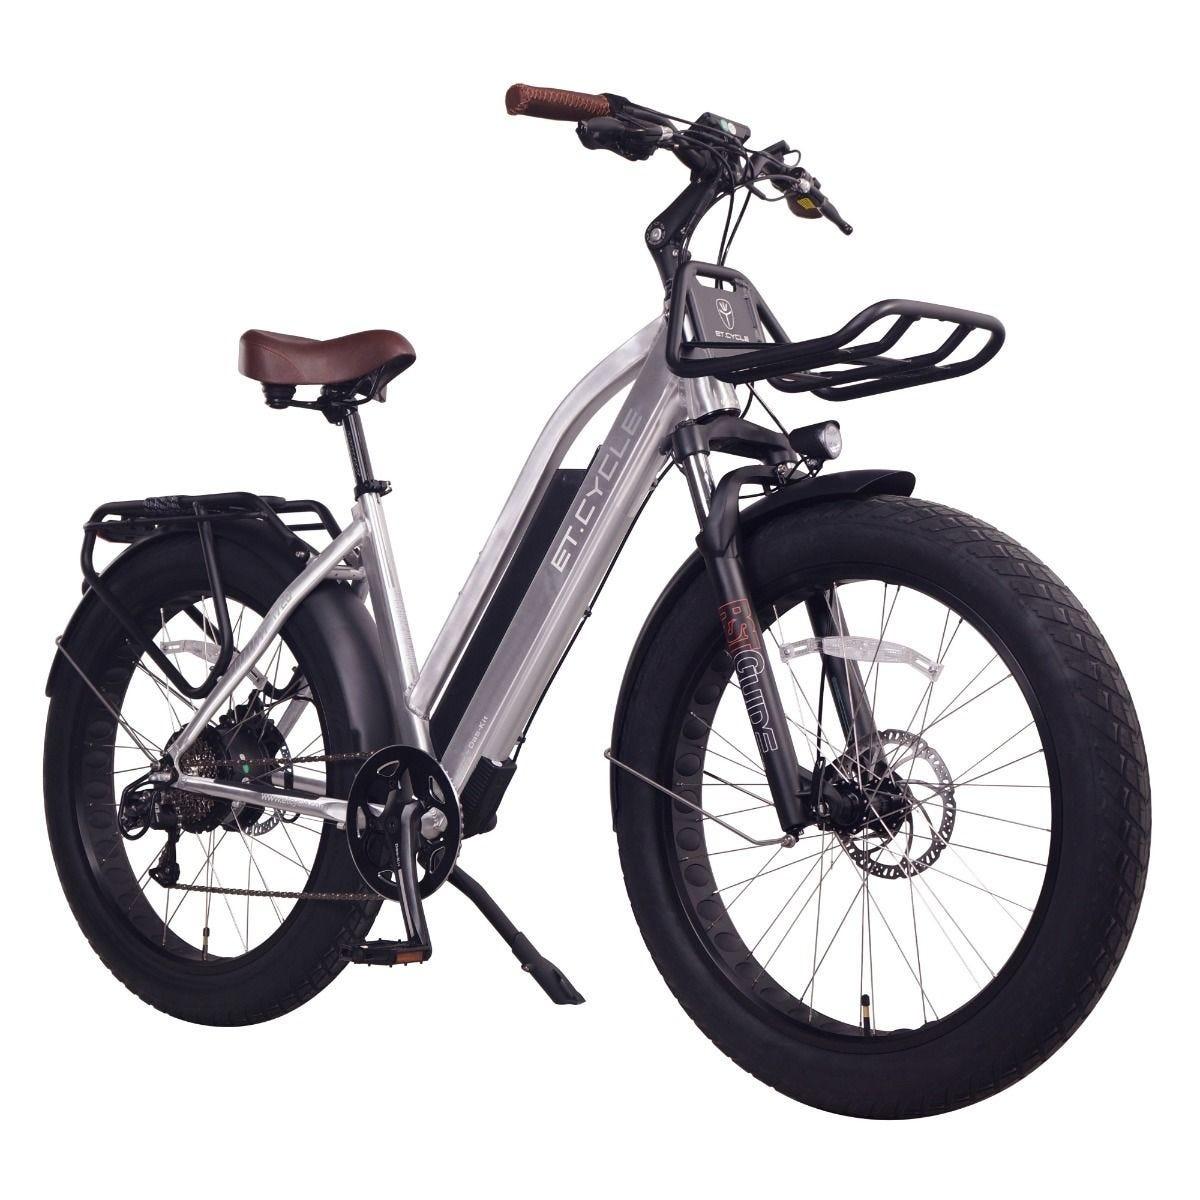 Electric fat bike rental starting at 34,50$